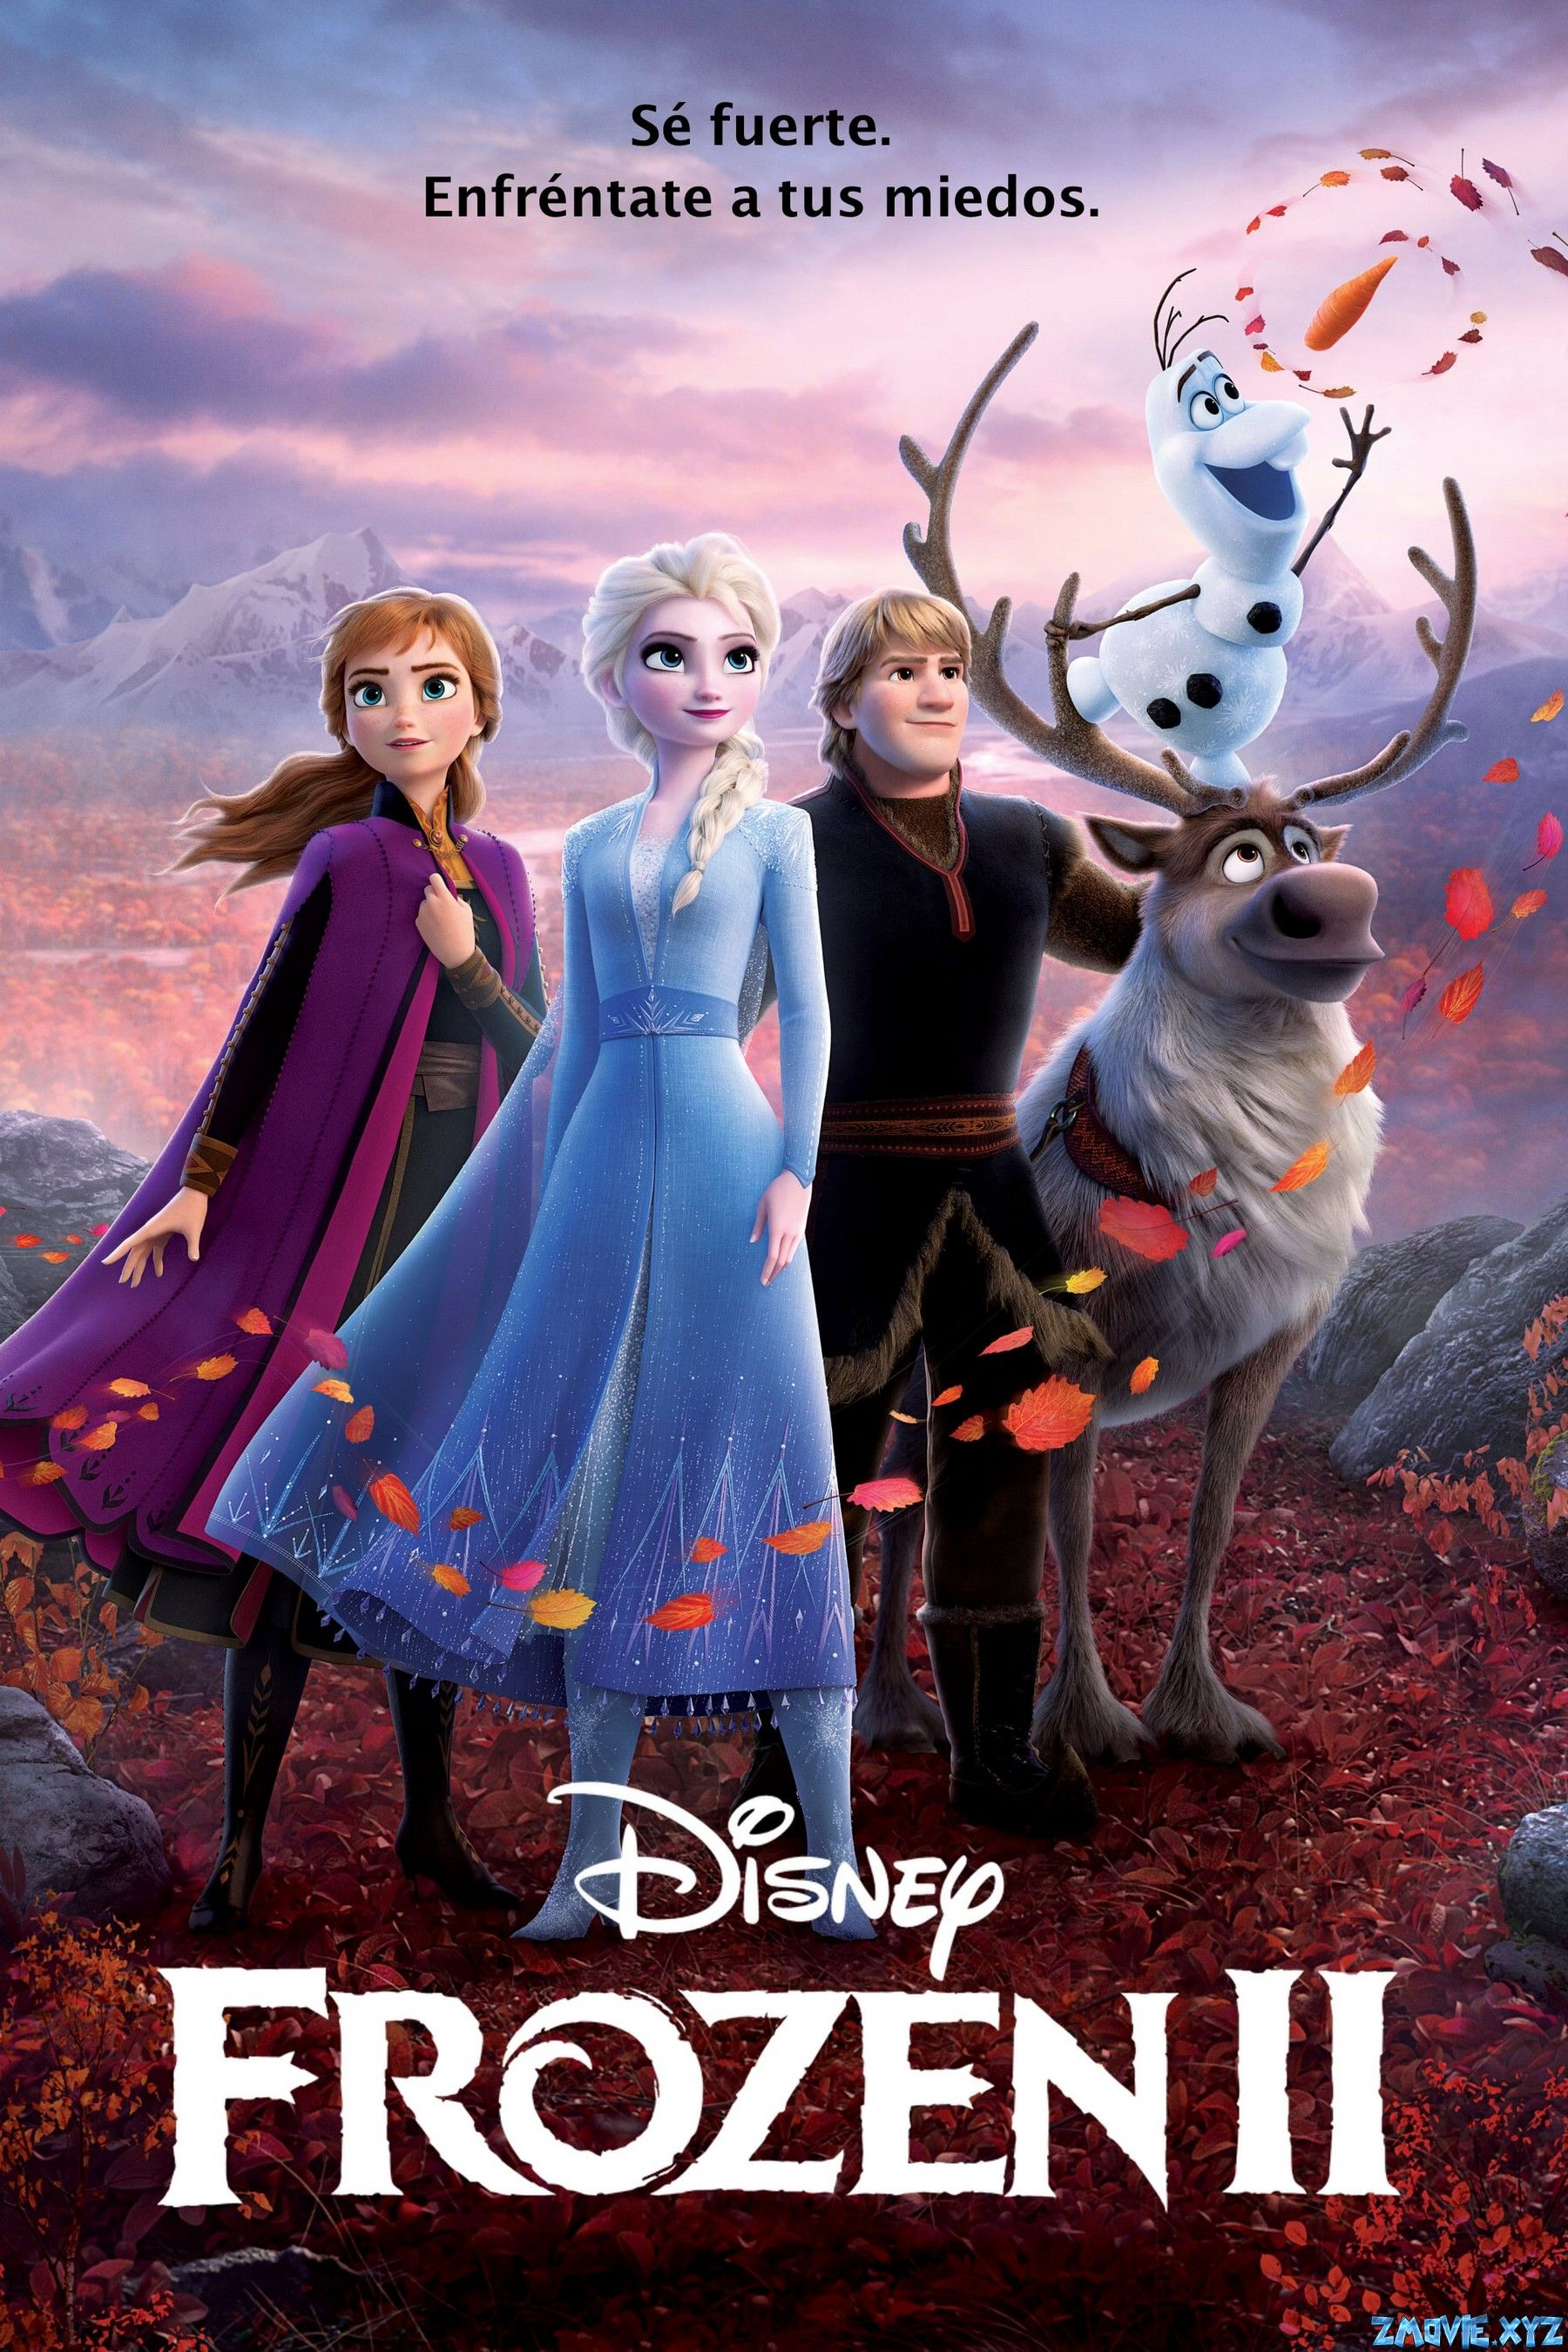 Frozen 2 Pelicula Completa Eñ Español Latiño Hd Subtitulado Actionmovie Newactionmo Peliculas Infantiles De Disney Frozen 2 Pelicula Ver Peliculas Disney